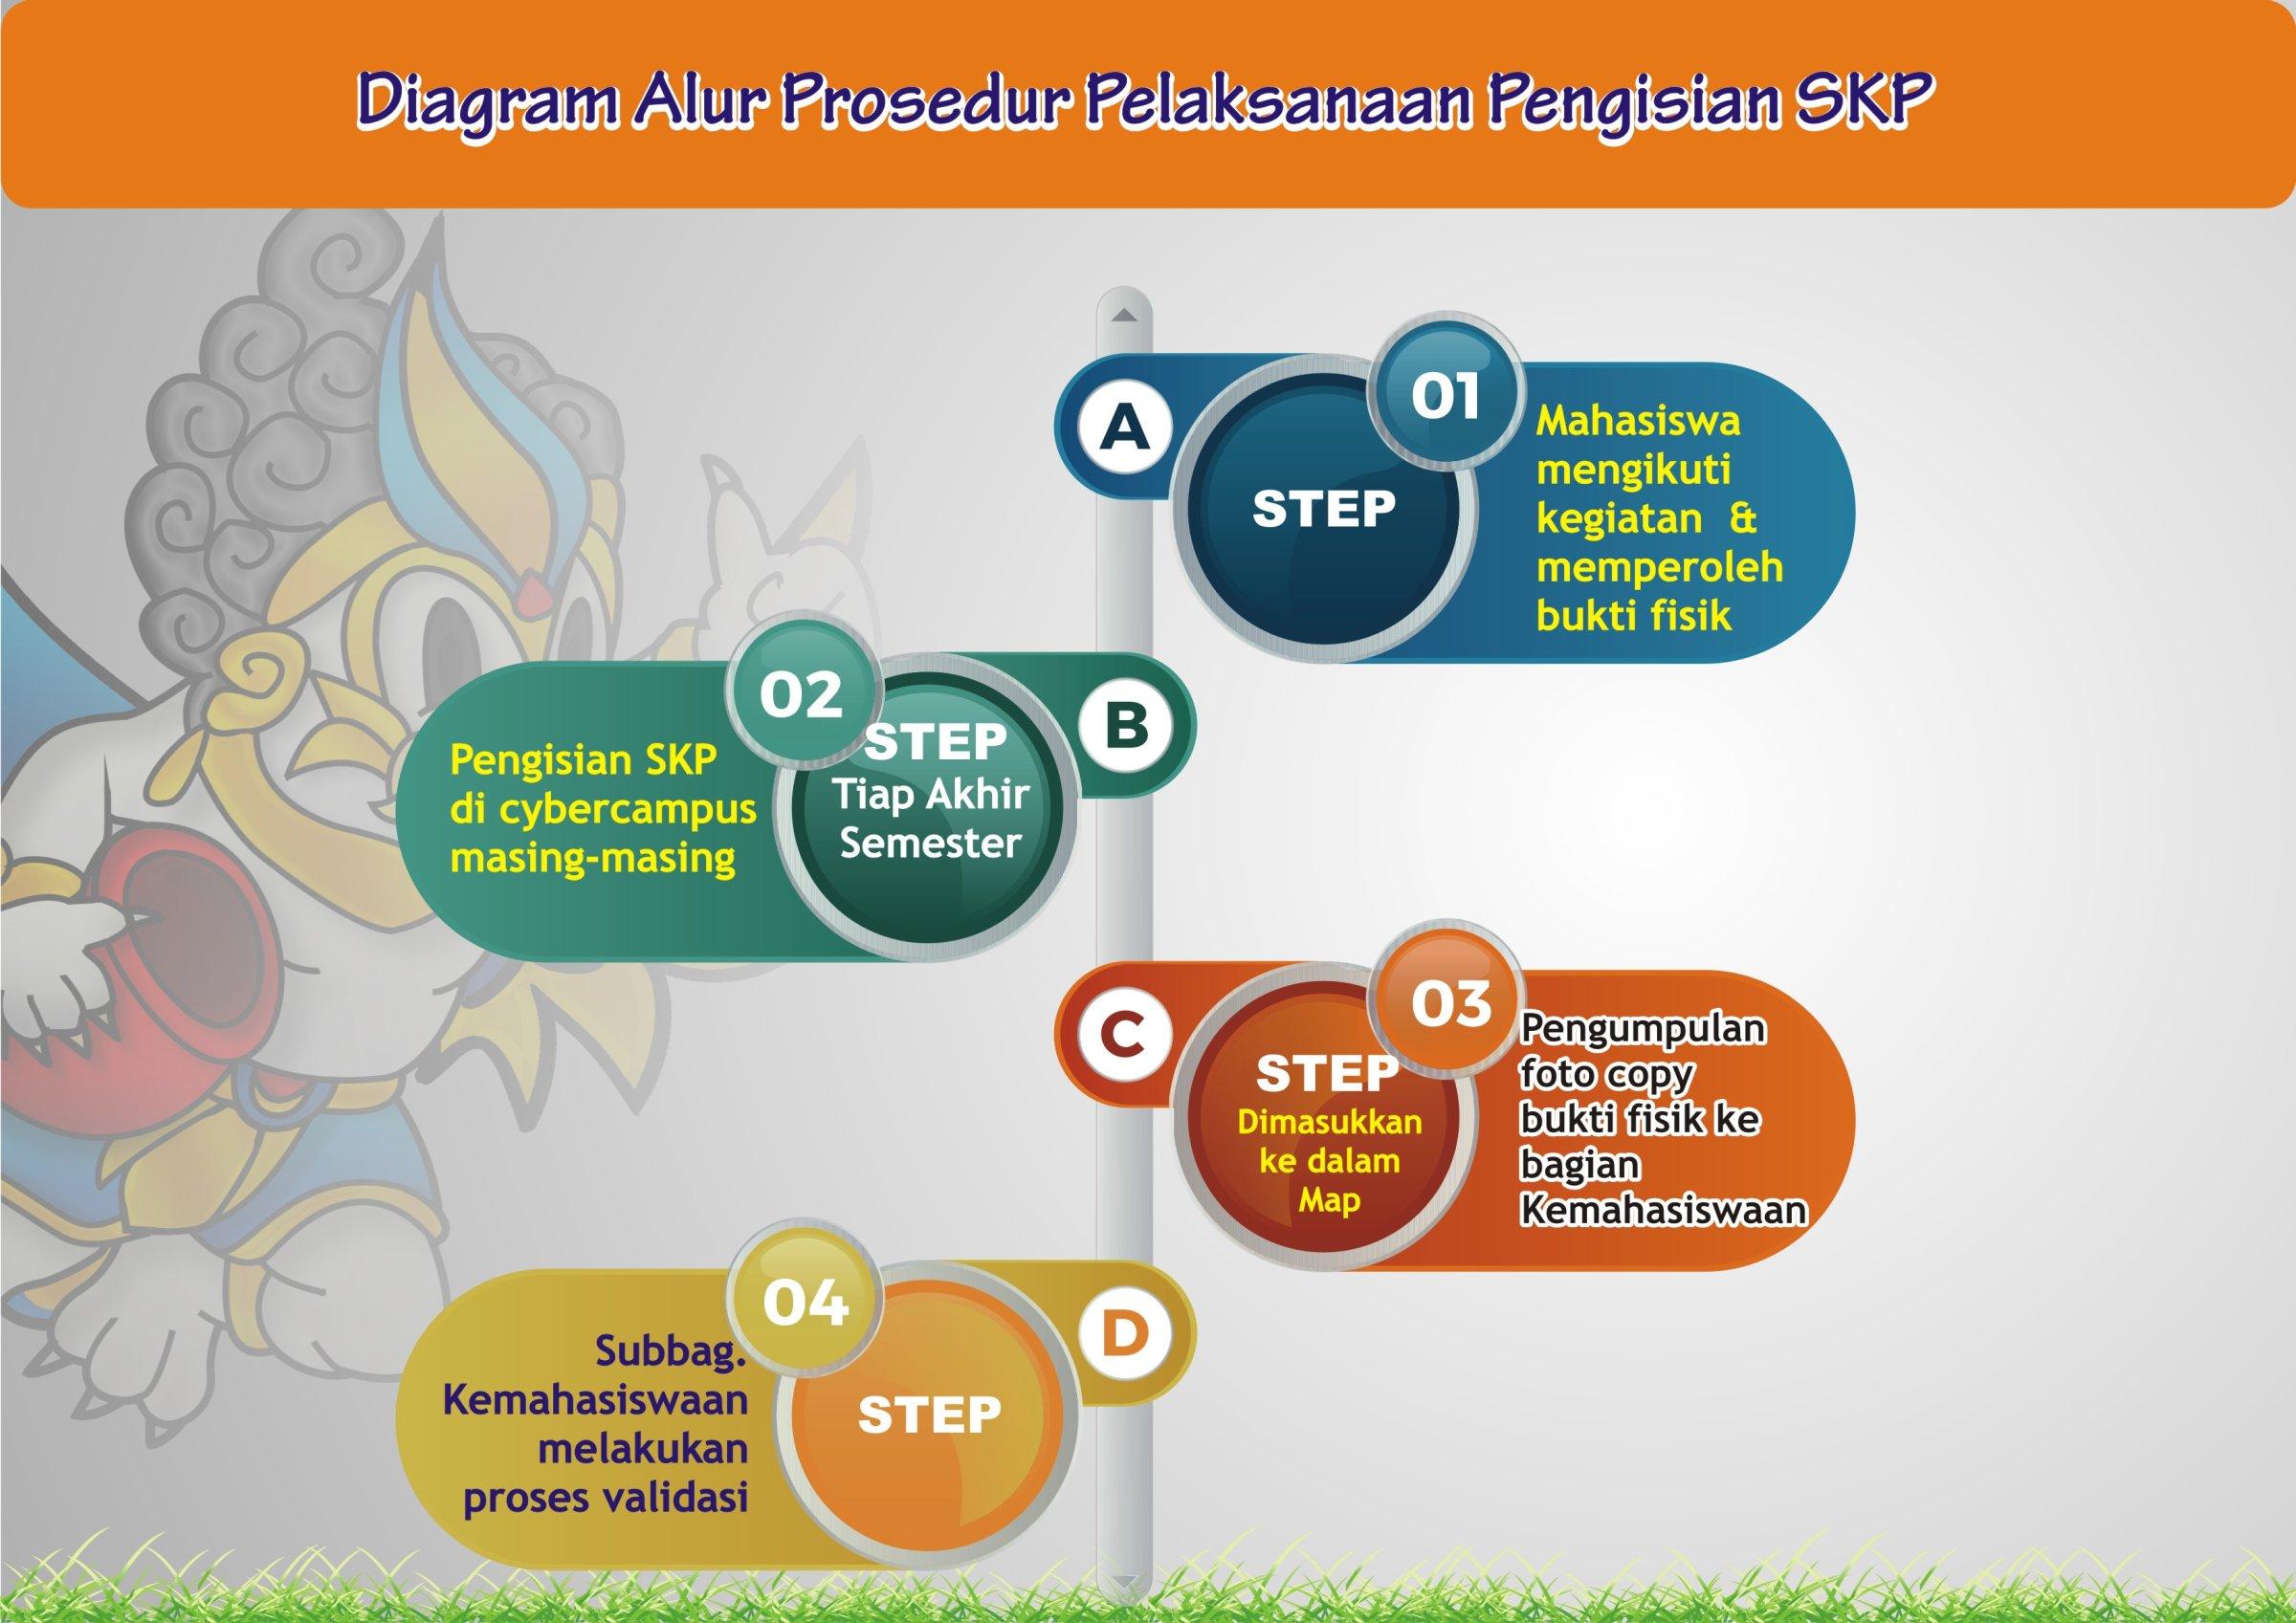 Diagram Alur Prosedur Pelaksanaan Pengisian SKP